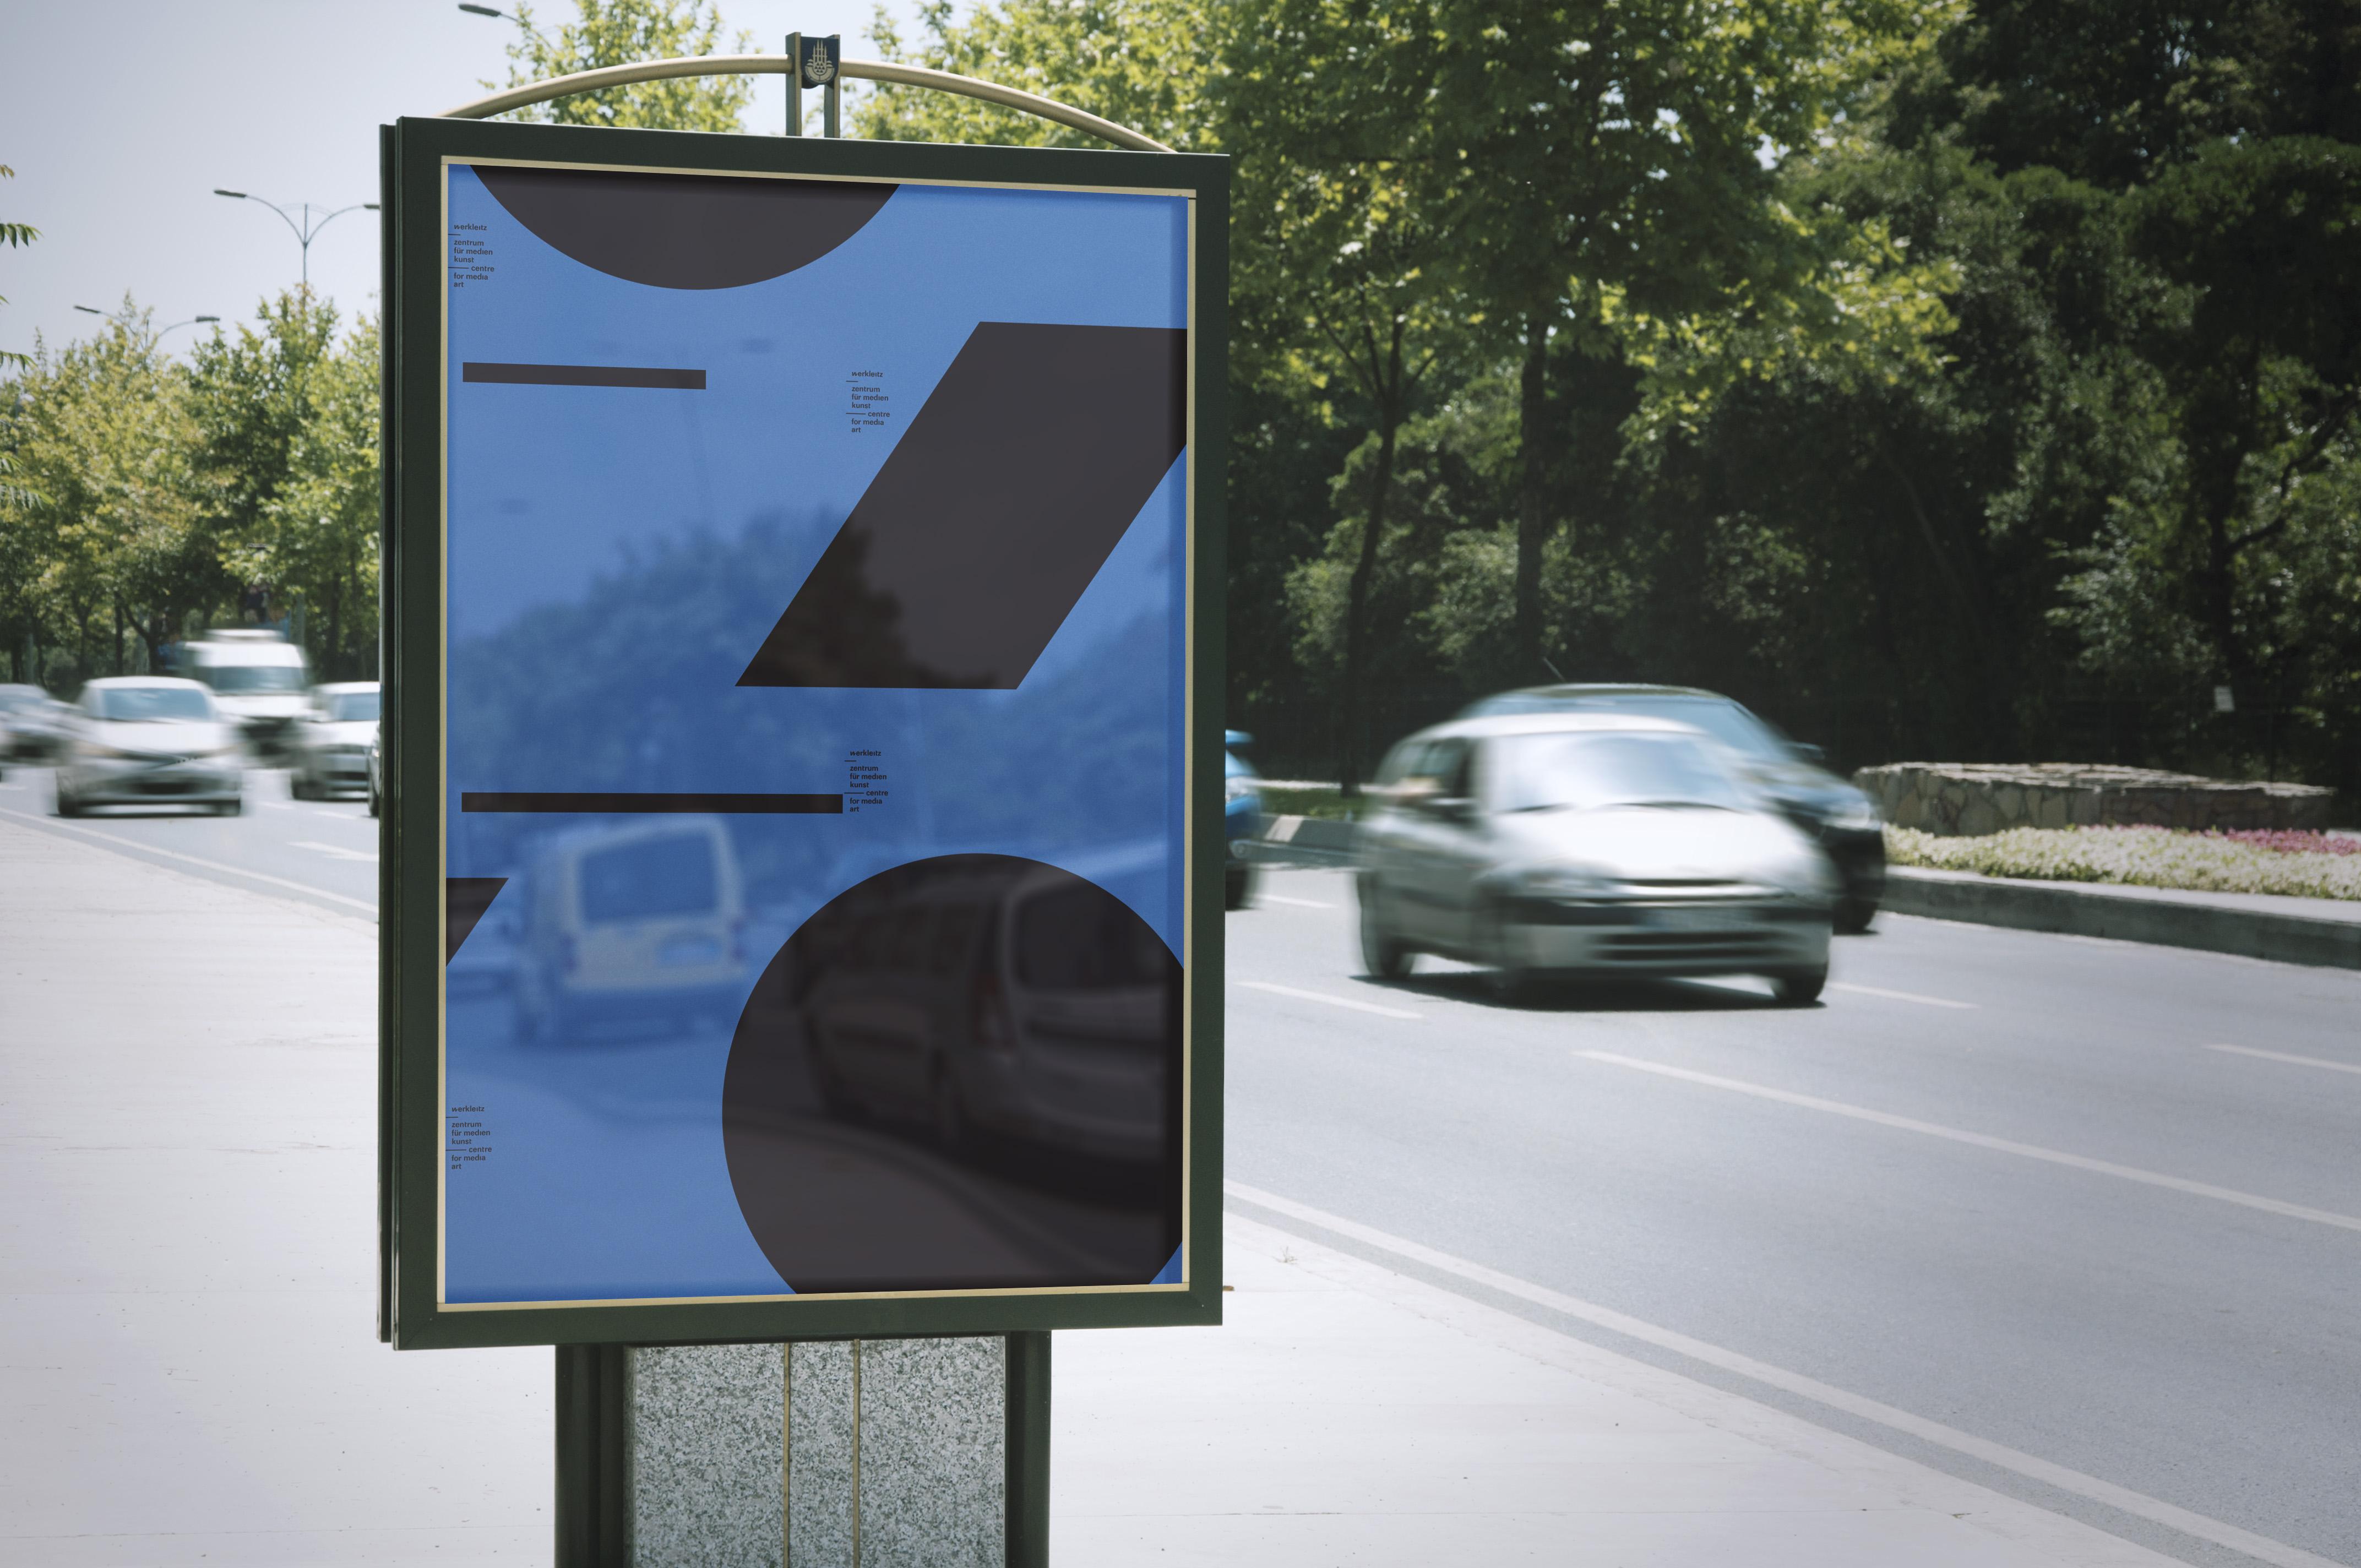 werkleitz_posterS9_Marcel Lunkwitz